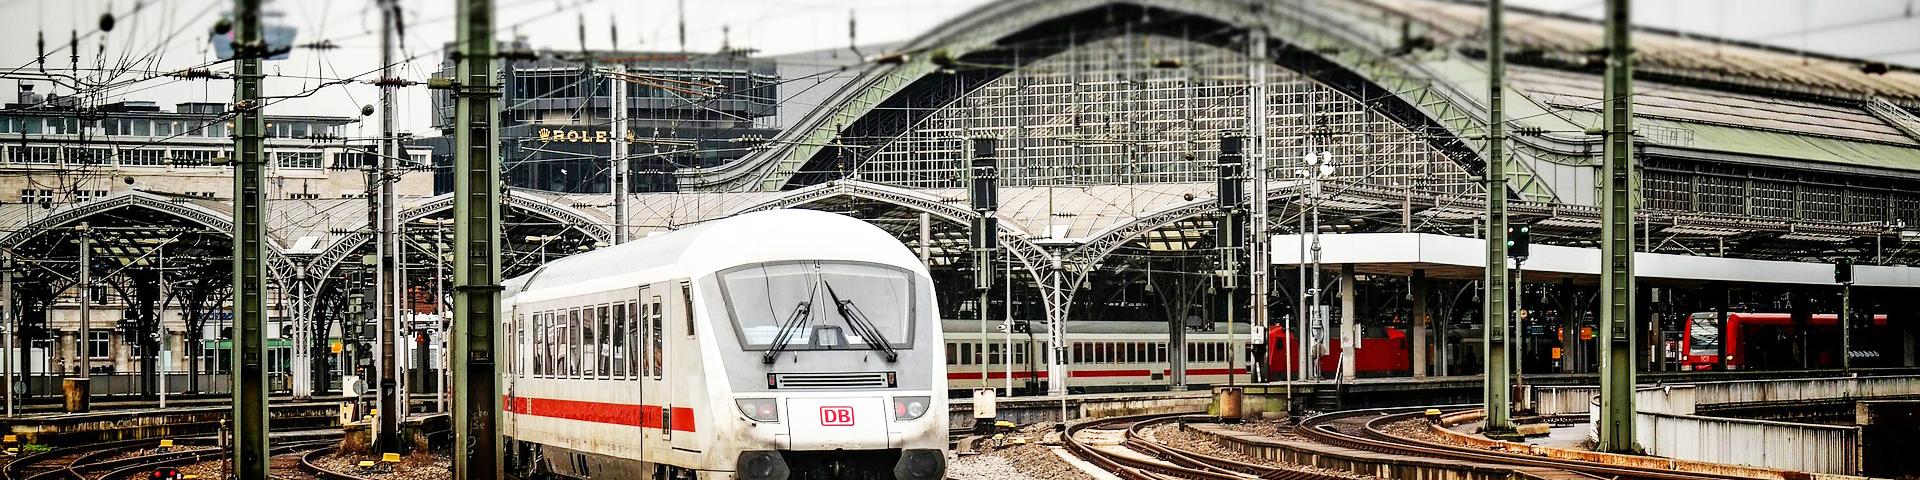 T-Railway